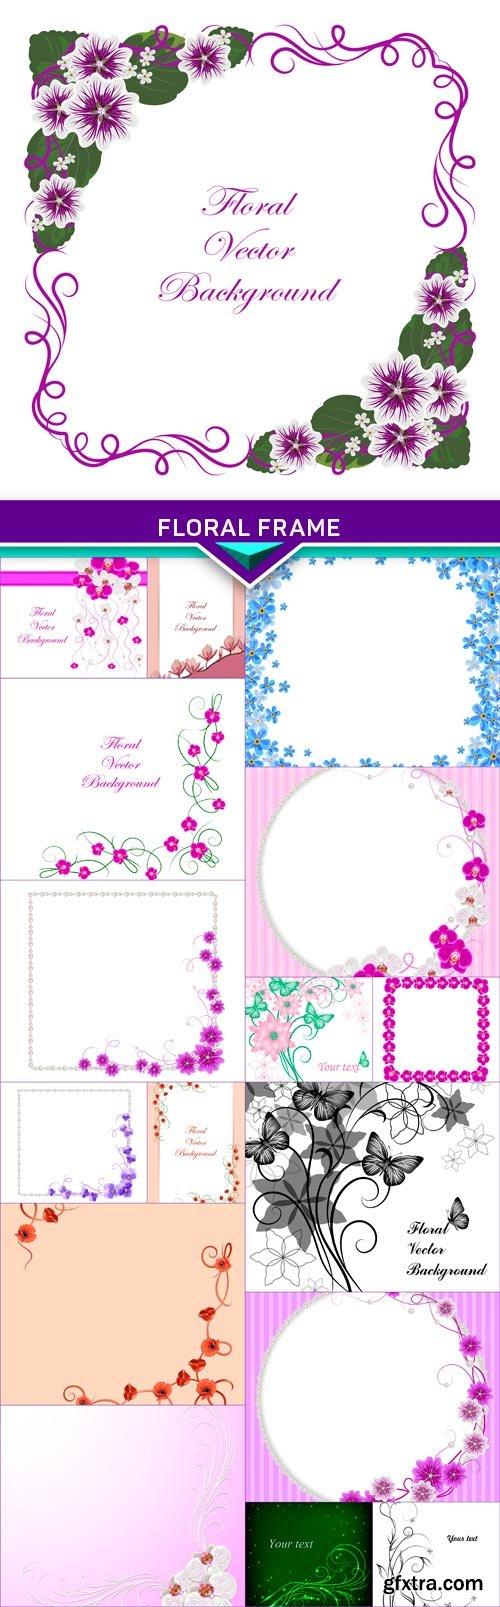 Floral frame3 17x EPS